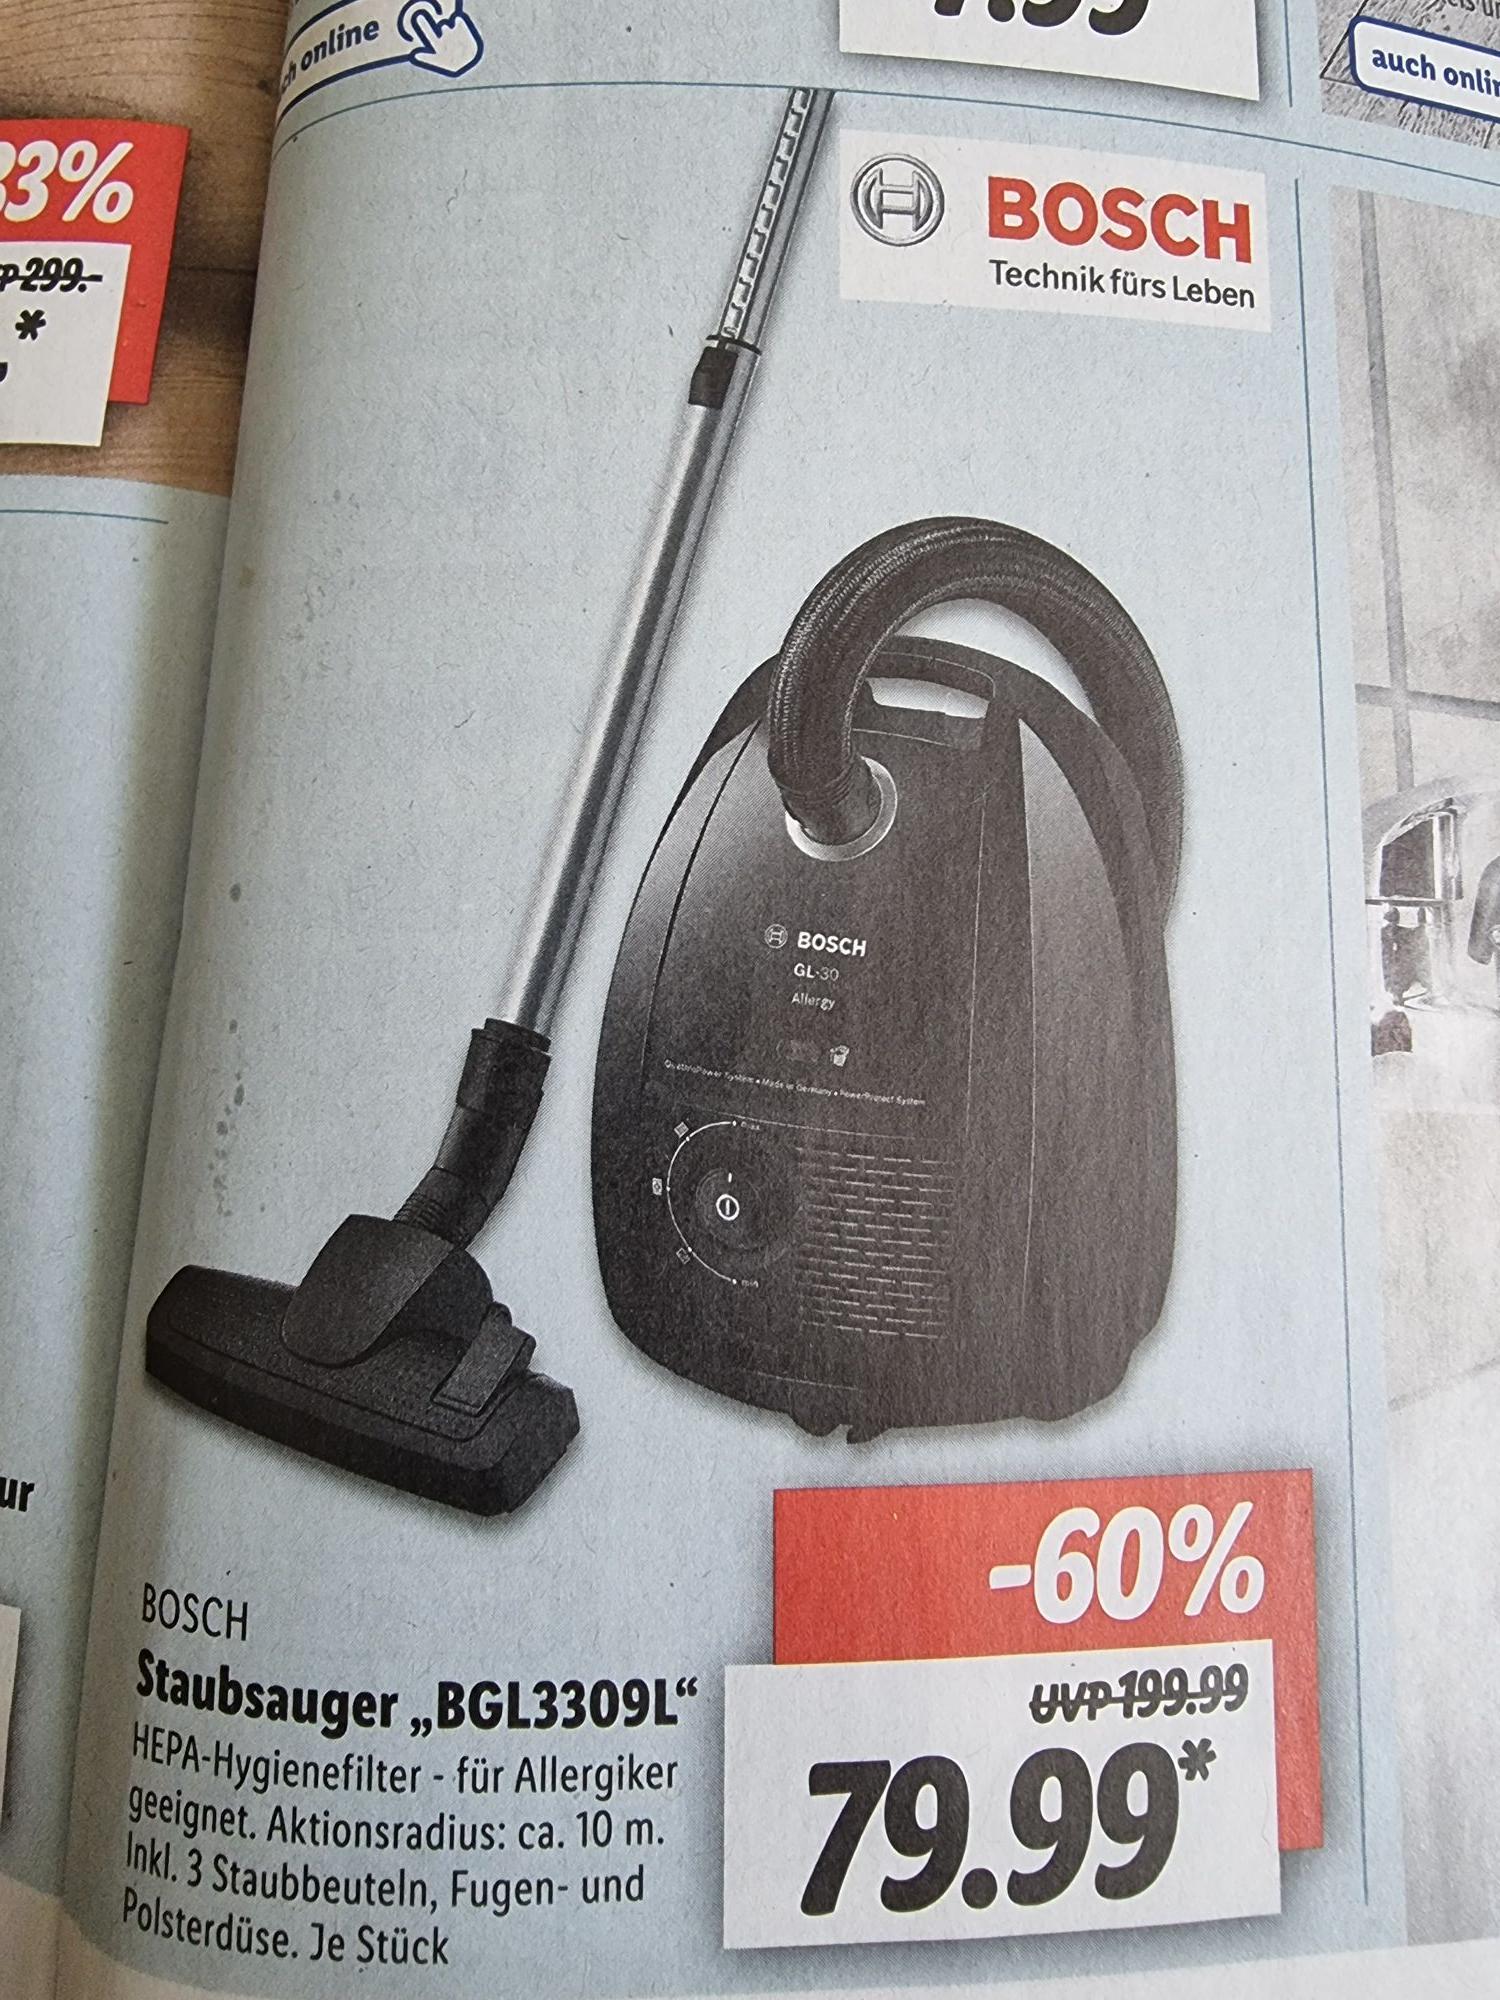 Bosch Staubsauger LIDL